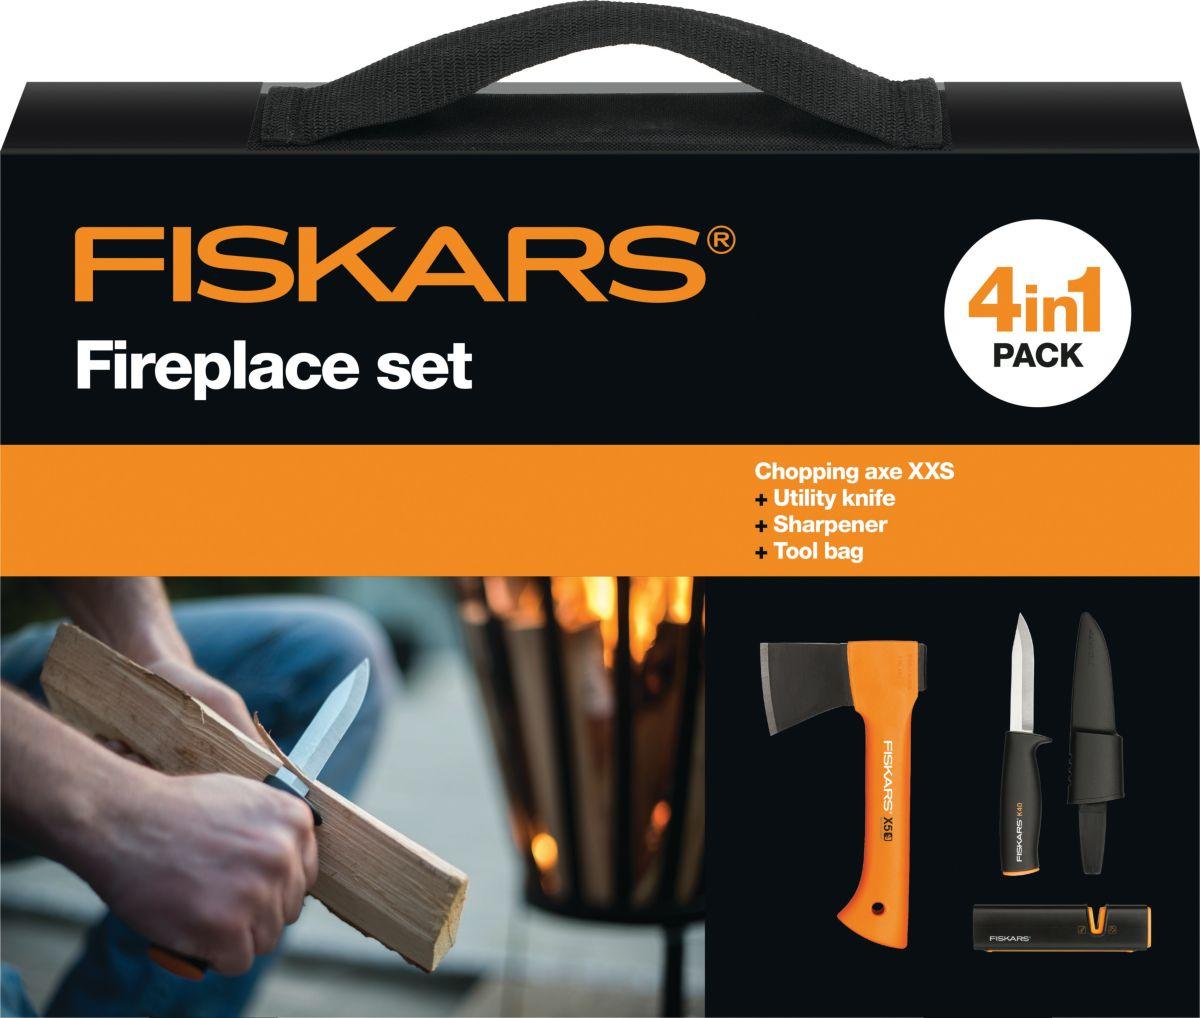 Удобный, компактный набор инструментов «Fiskars» в сумке. Пригодится на рыбалке, в походе,  в путешествии на машине. Набор упакован в картонную подарочную коробку. Подойдет в  качестве подарка мужчине.  В набор входит: - Топор туристический Fiskars X5. - Нож универсальный в чехле. -  Точилка для ножа. - Сумка.  Нож универсальный в чехле.  Характеристики:  Вес: 69 гр.   Длина. 228 мм.   - Нож общего назначения в пластиковом чехле, который делает перенос ножа абсолютно  безопасным; - Удобная пластиковая рукоятка с протектором для пальцев; - Гладкое лезвие из нержавеющей стали.  Топор туристический малый Fiskars X5.  Характеристики и особенности:  Вес: 480 гр.  Длина: 215 мм.  - Дизайн лезвия позволяет колоть и рубить небольшие поленья, деревья, щепки; - Топор предназначен для работы одной рукой. Топорище изготовлено из прочного,  долговечного, легкого материала, который устойчив к засушливой и влажной погоде; - Рукоятка из упругого аммортизирующего материала, с удобным захватом. Конец рукоятки в  форме крюка (чтобы топор не выскользнул из руки); - Рукоятка запрессована в лезвие методом литья под давлением, т. о. оно не сорвется.  Пластиковая щека обеспечивает надежную фиксацию лезвия; - Топор Fiskars Х5 снабжен брезентовым чехлом, скрывающим обух. Клапан чехла на  липучке, надежно фиксирует топор; - Чехол имеет пришитую петлю, для крепления на пояс, а также позволяет повесить топор  на крючок или гвоздь.